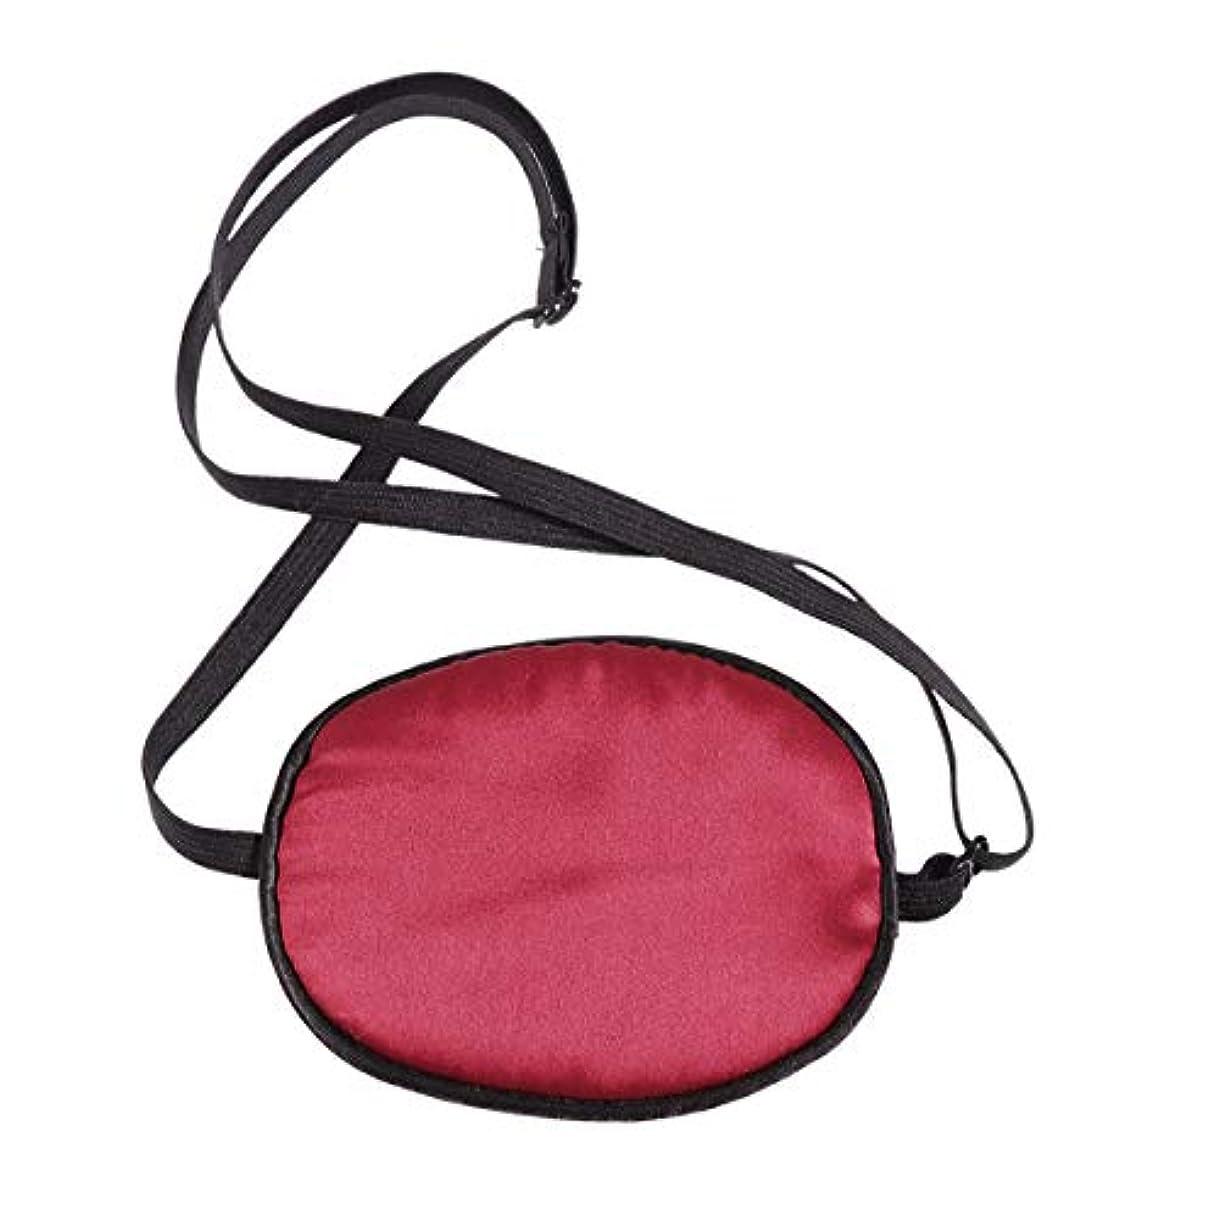 輝くテント啓示HEALIFTY 睡眠の目隠し調節可能な絹の海賊目のパッチ子供の弱視のためのソフトで快適な単一の目のマスク正面の怠惰な目